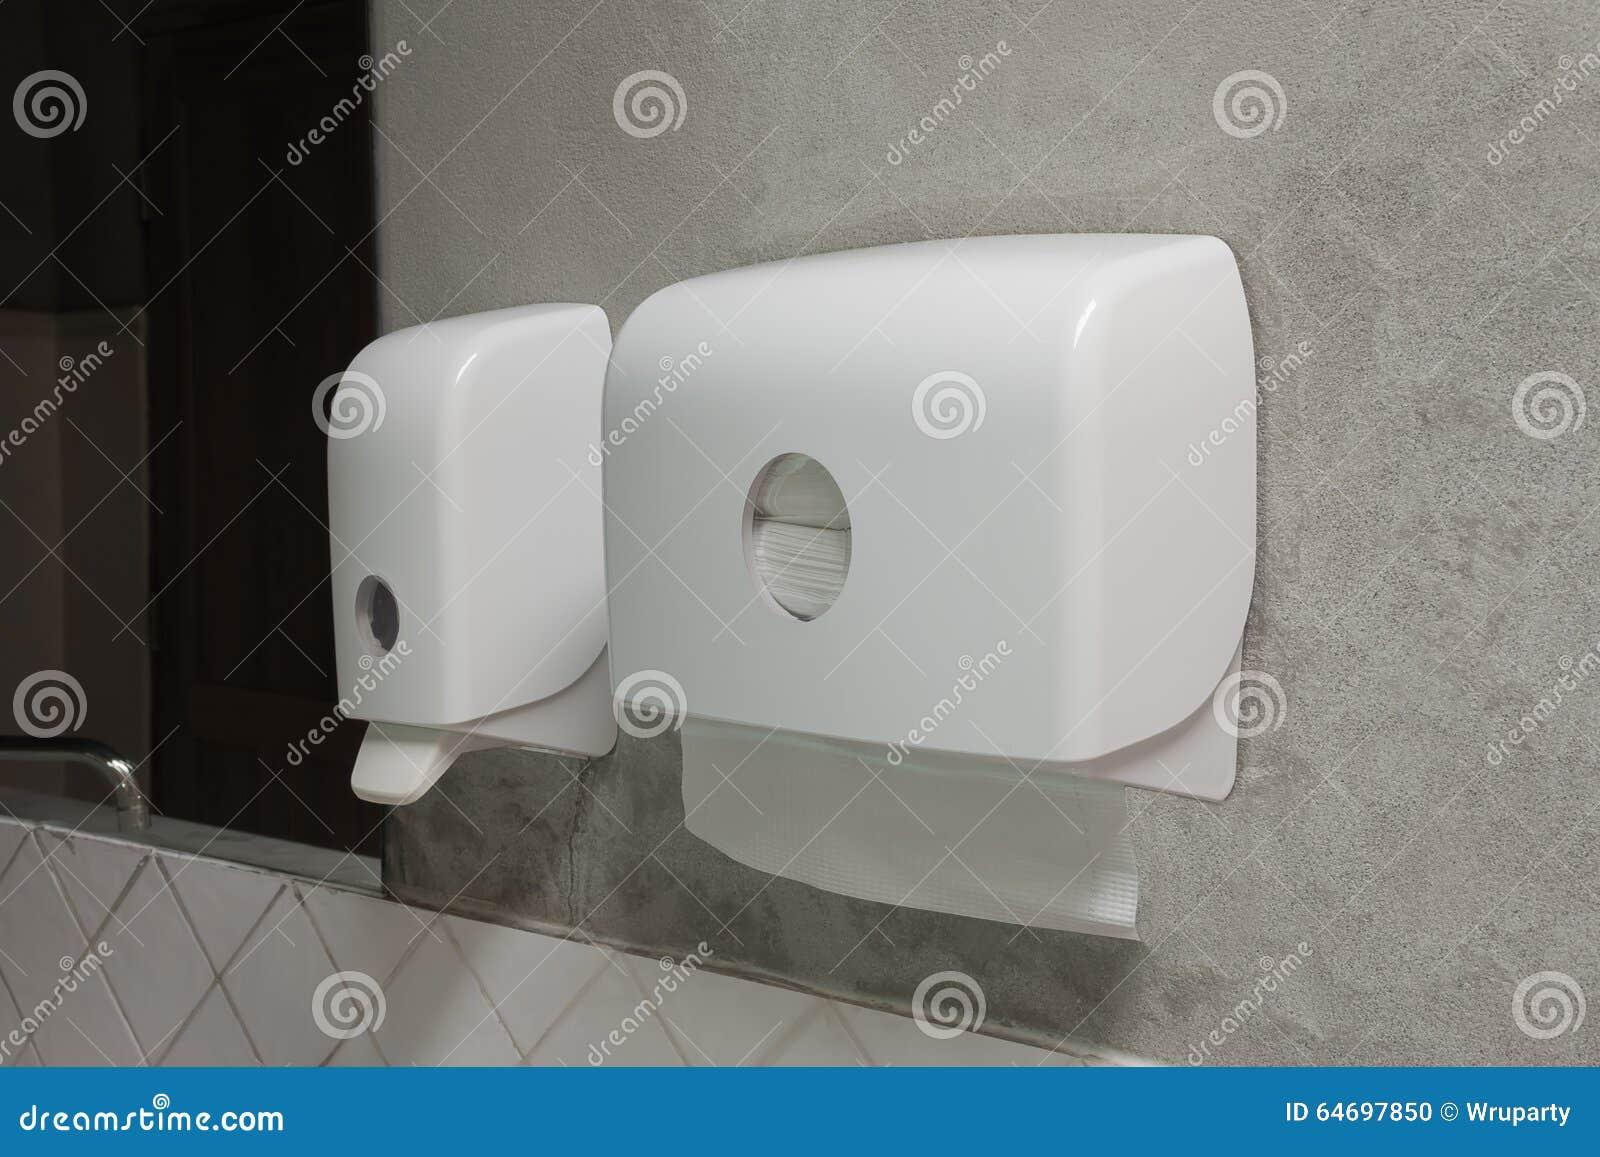 肥皂分配器和纸分配器